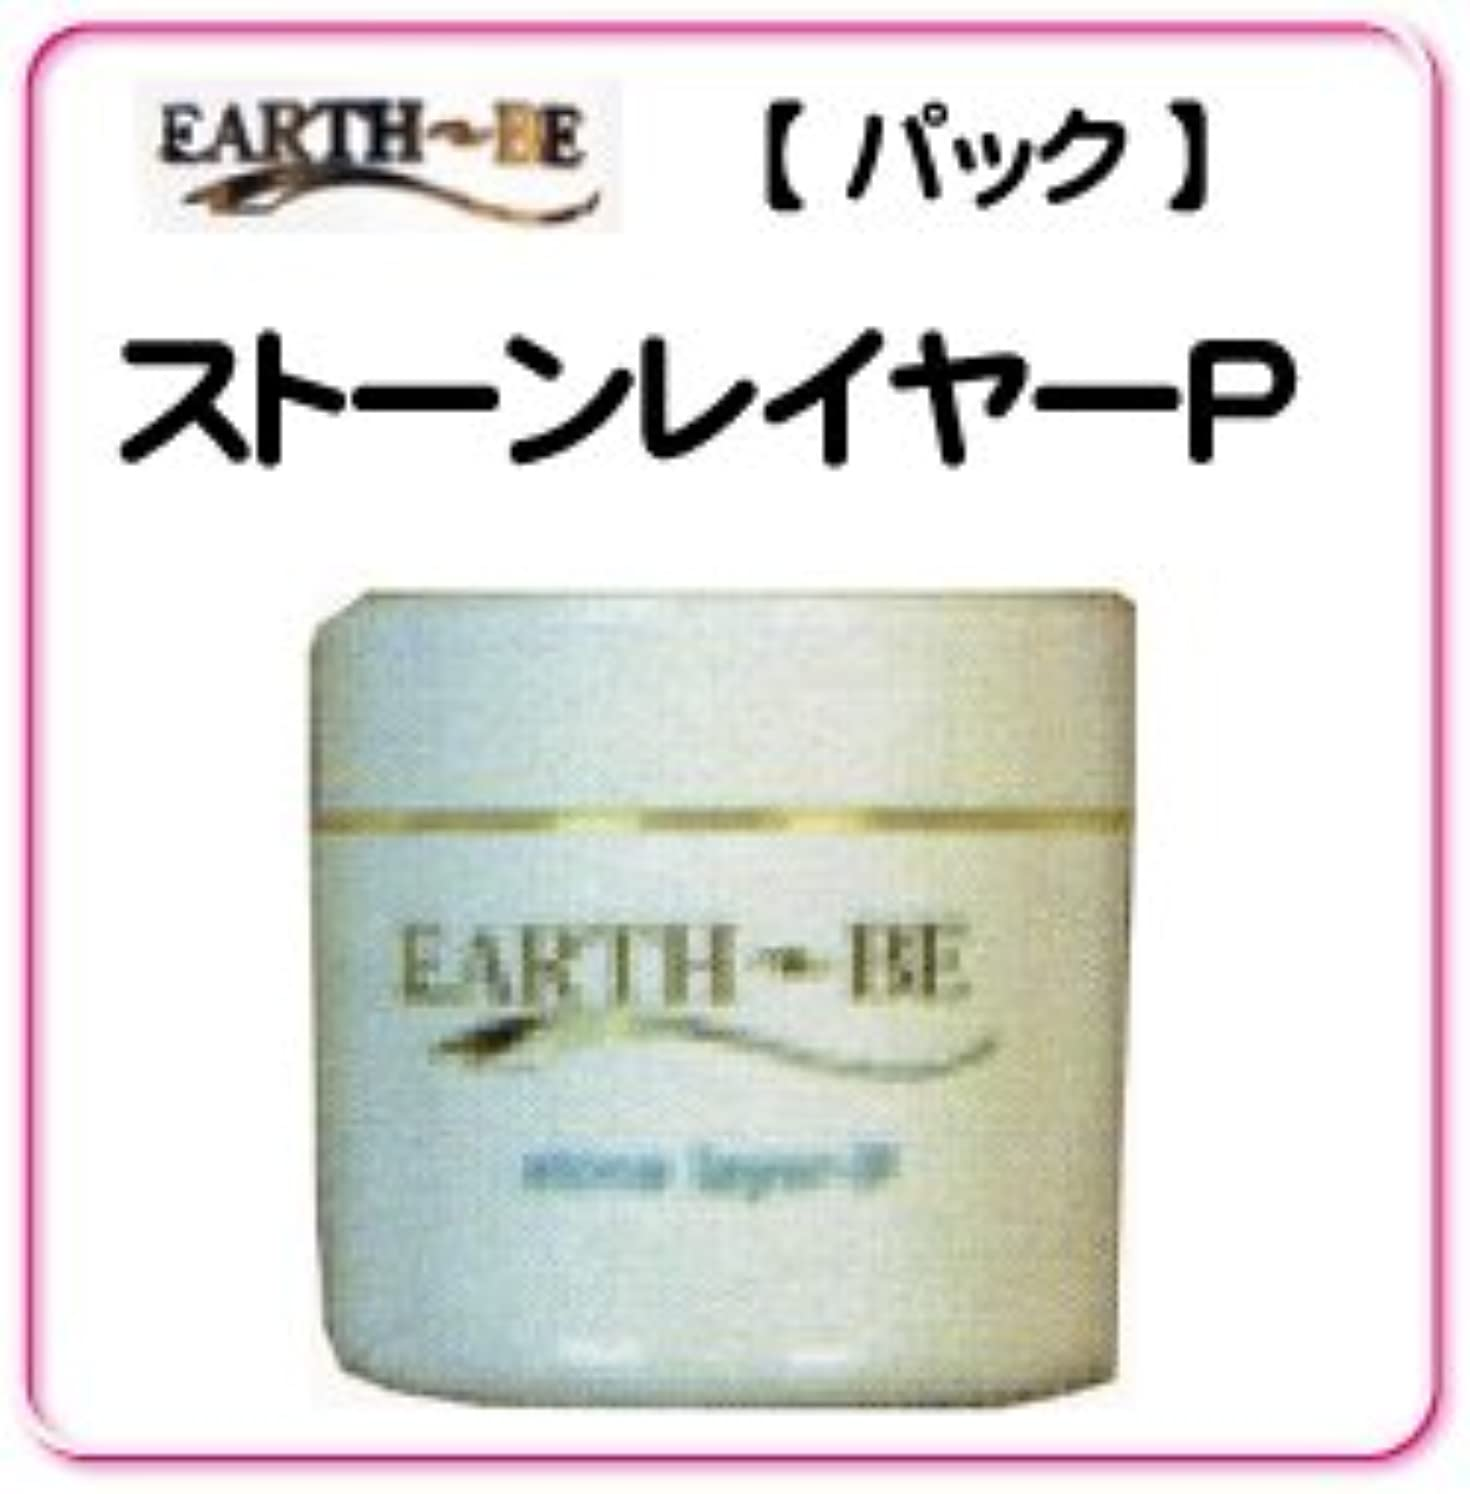 ウォーターフロント直感ケントベルマン化粧品 EARTH-Bシリーズ  アースビ ストーンレイヤー P  パック 100g